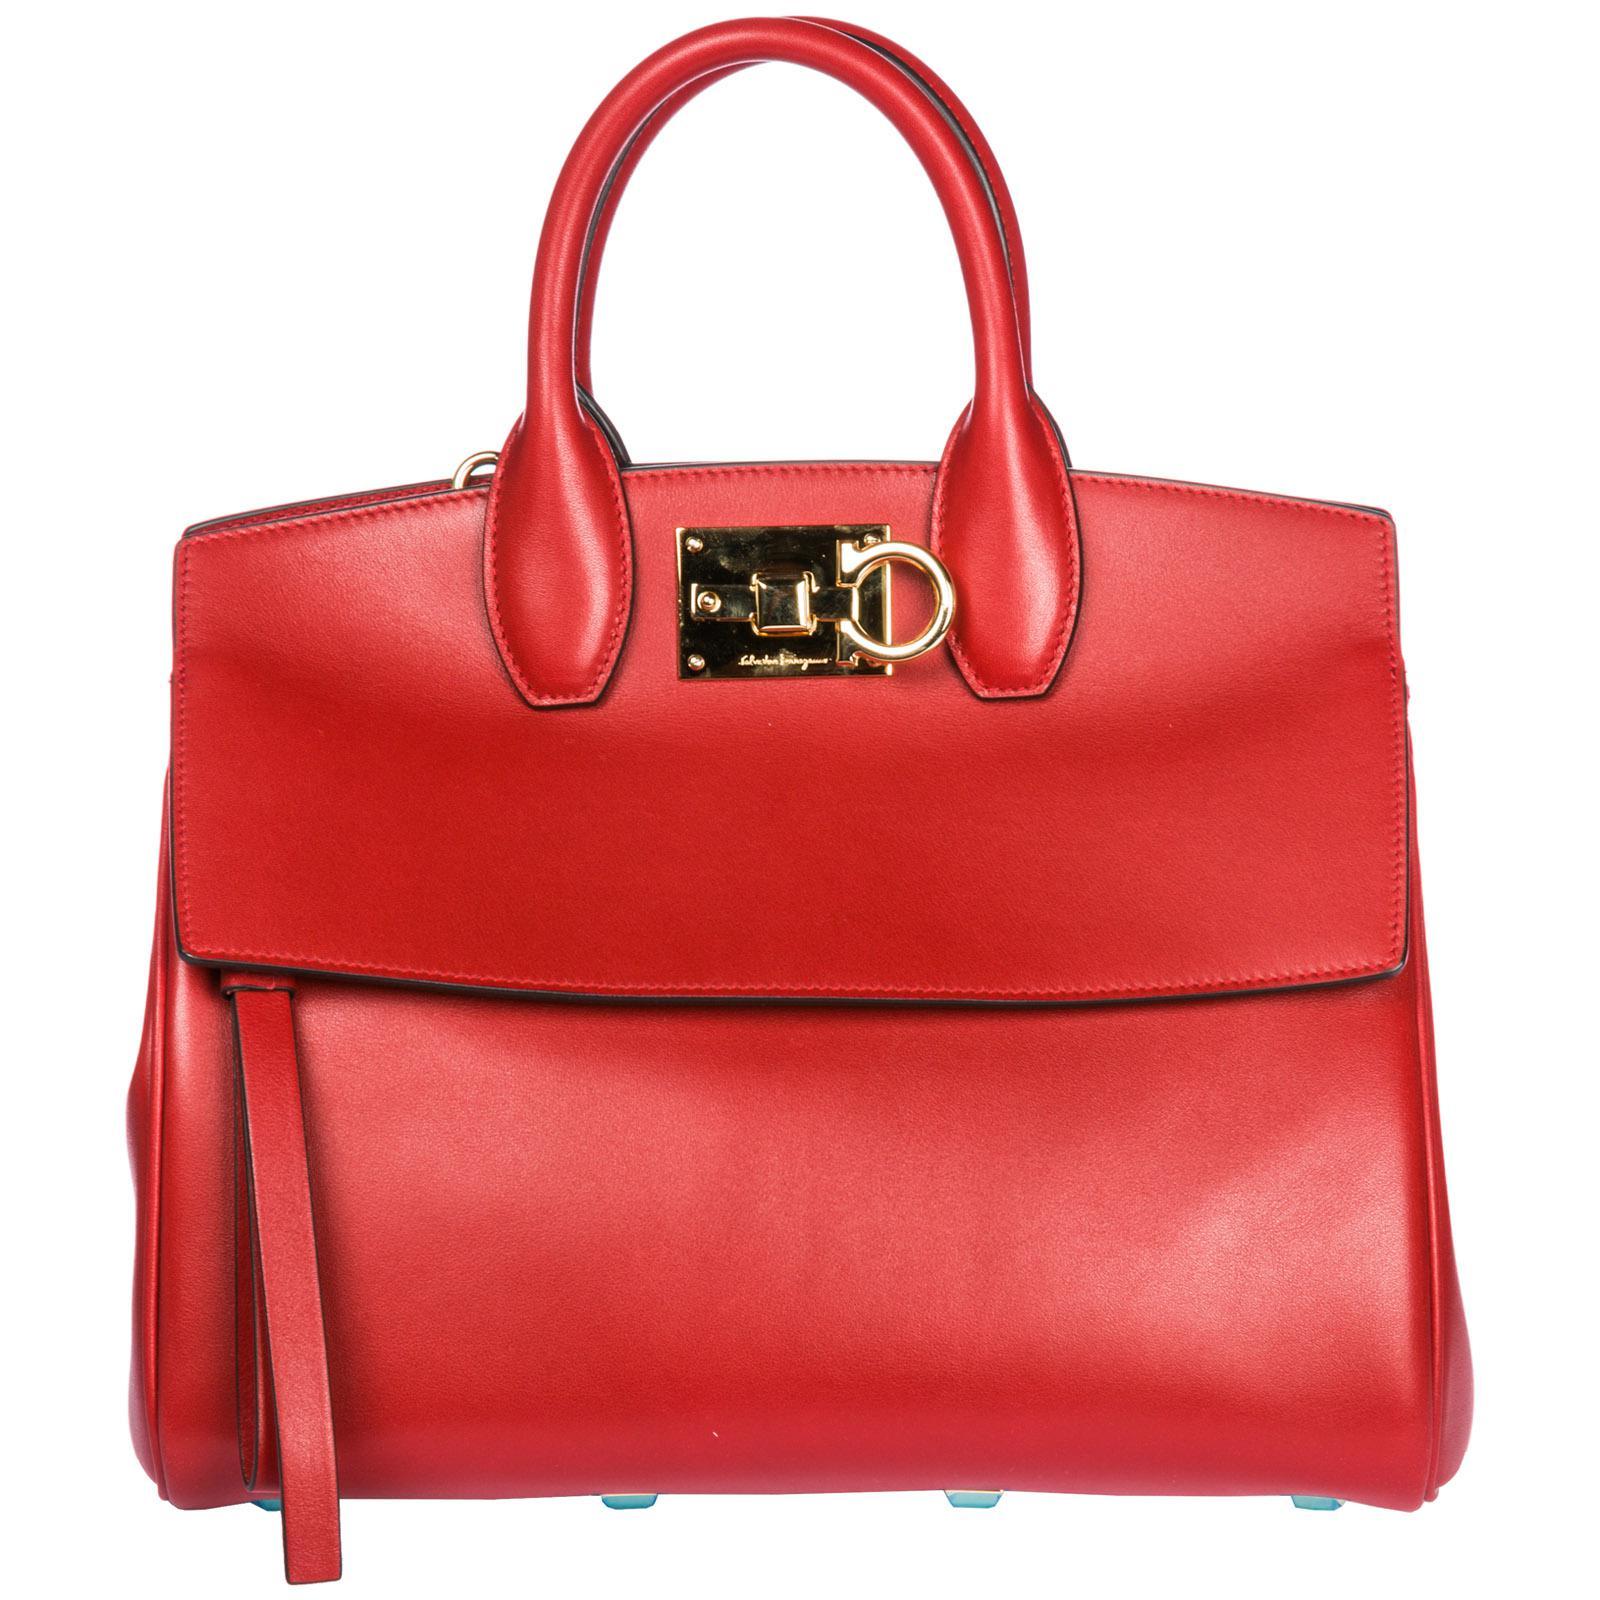 7bf1797a3b9f Ferragamo Leather Handbag Shopping Bag Purse Studio Bag in Red - Lyst